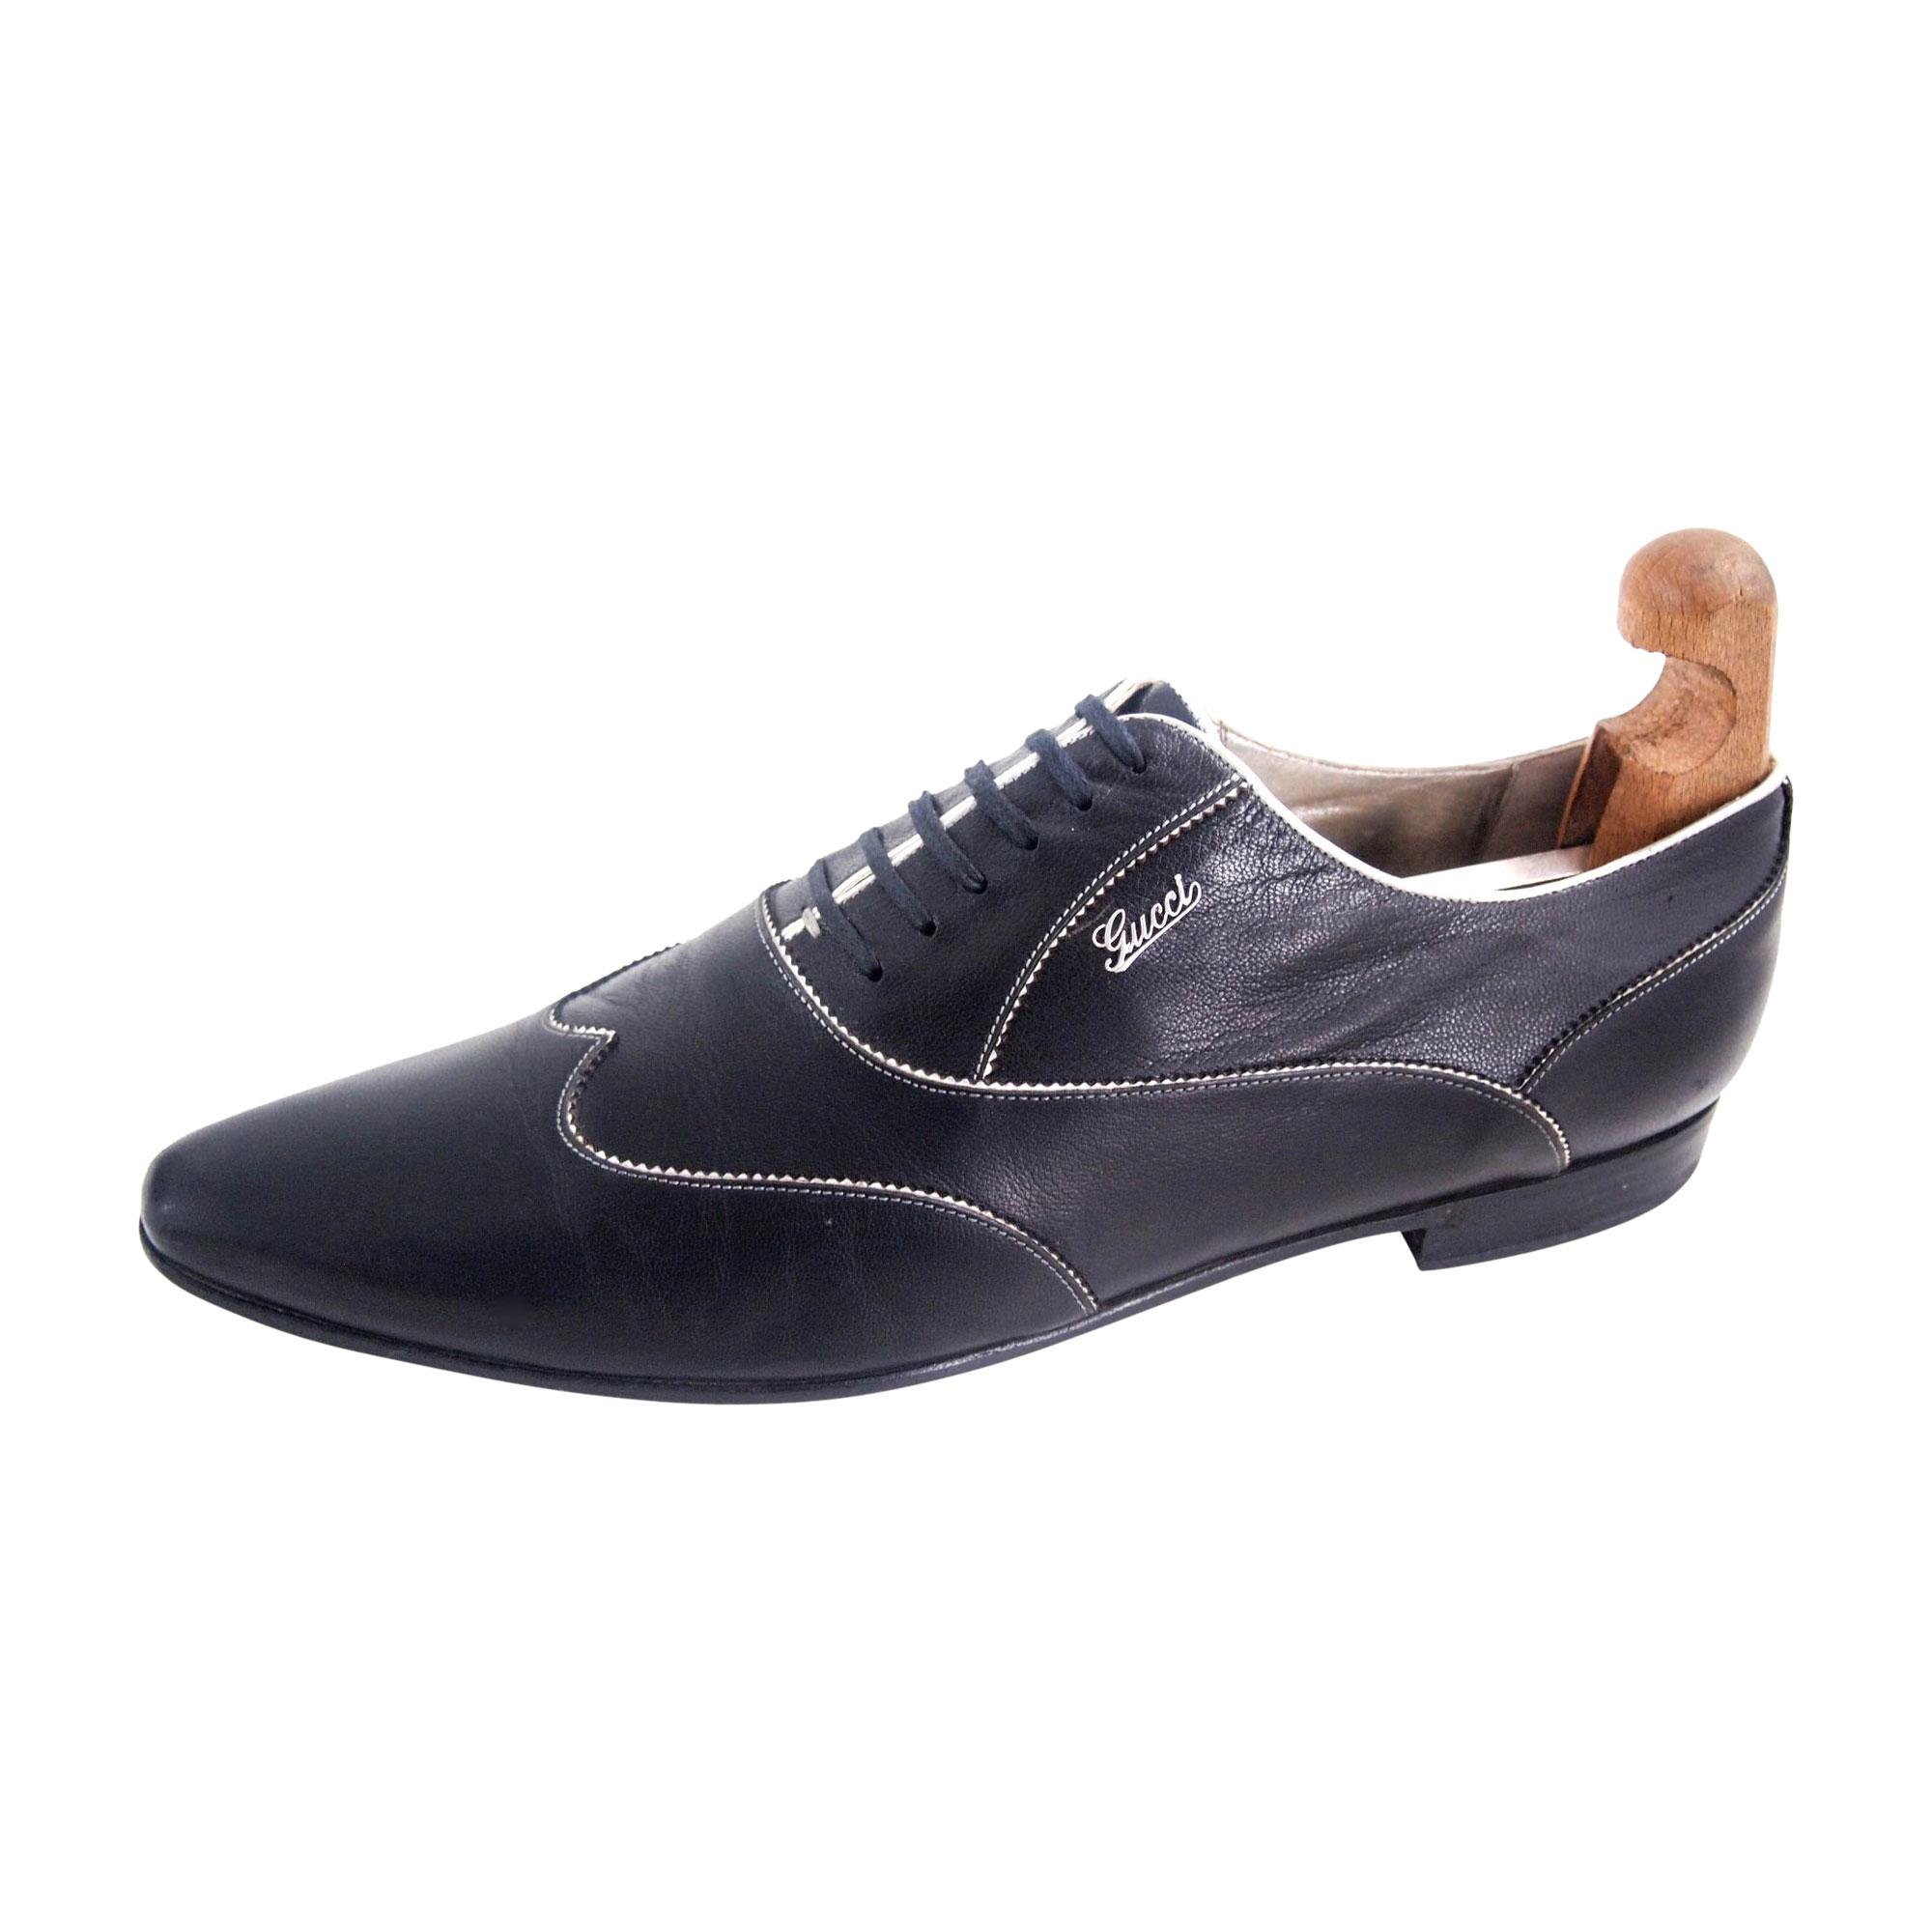 Chaussures à lacets GUCCI Noir